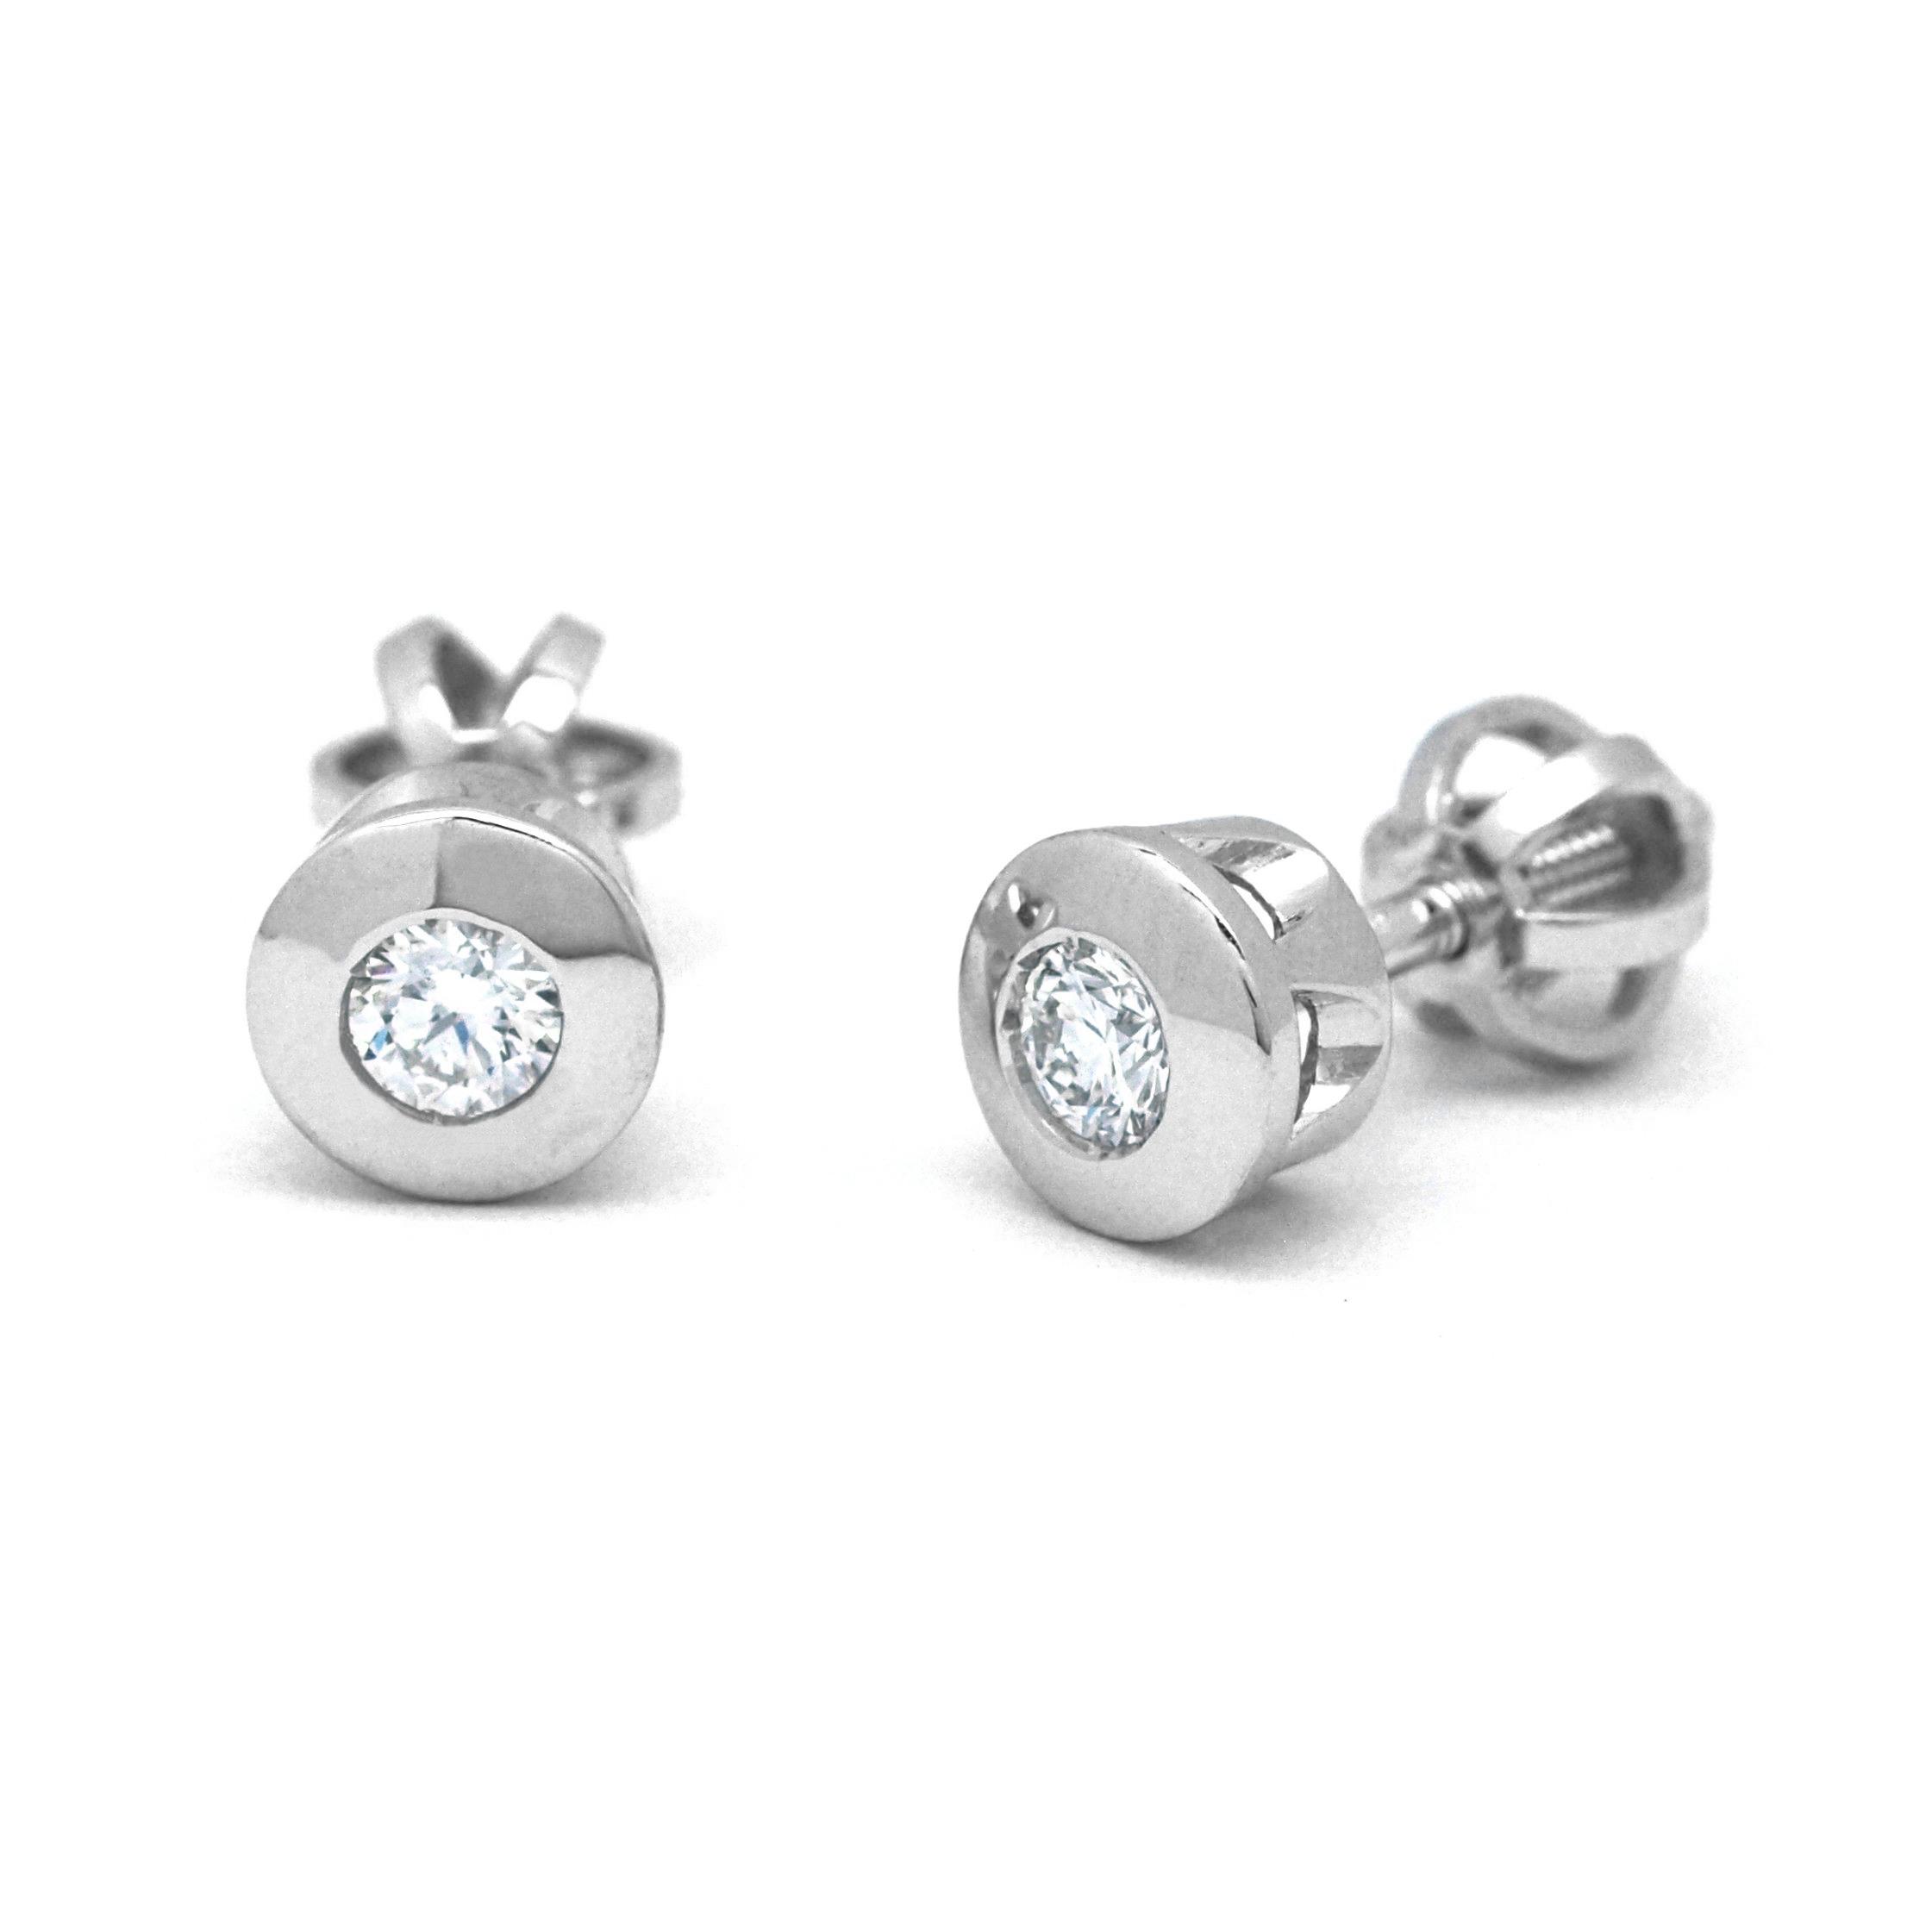 Ručně vyrobené náušnice z bílého zlata s diamanty na šroubek J-30412-18 (J-30412-18 - POŠTOVNÉ ZDARMA!!)